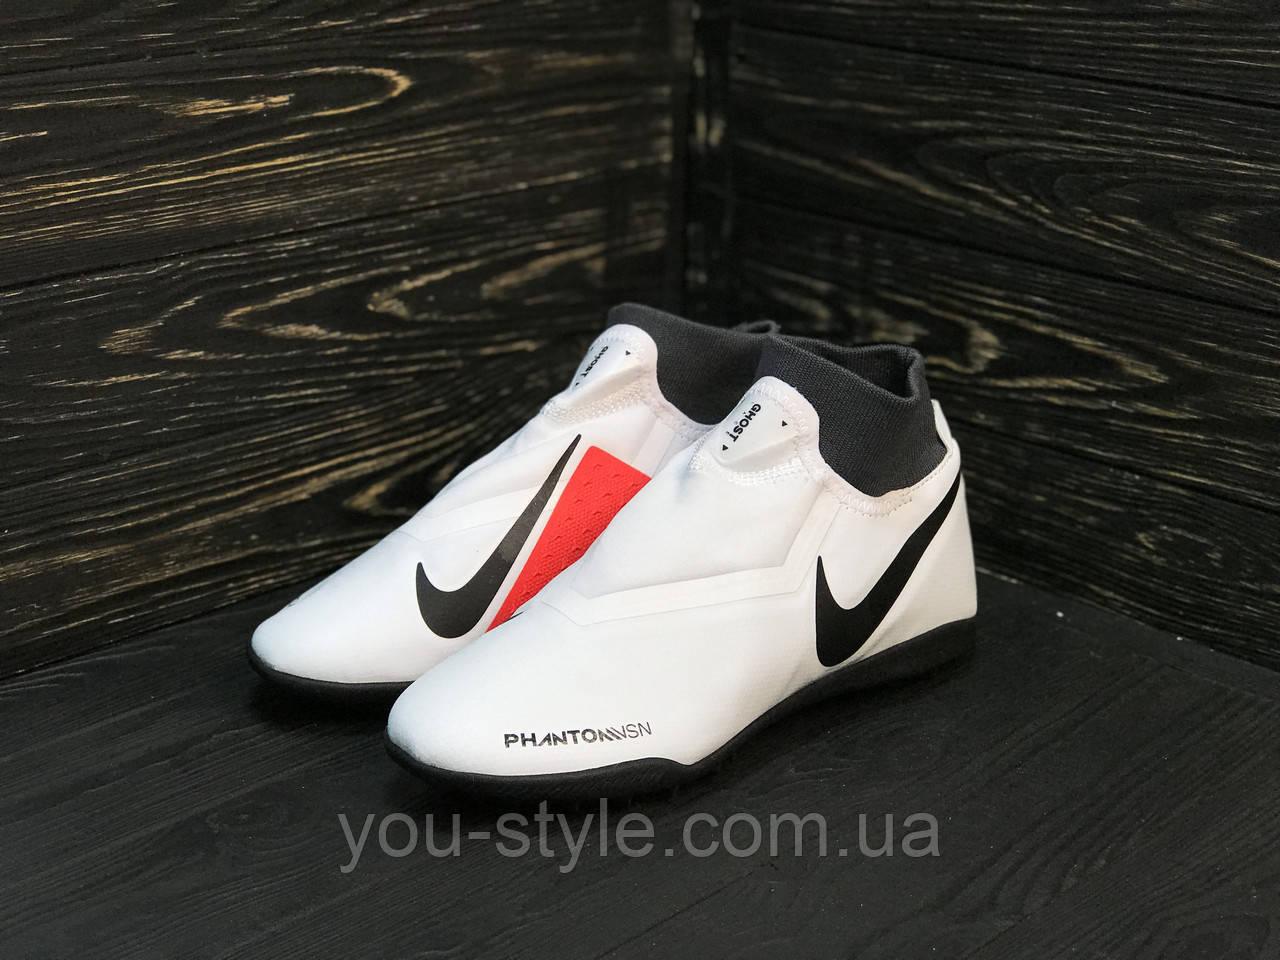 Сороконожки Nike Phantom VSN с носком / футбольная обувь(реплика)